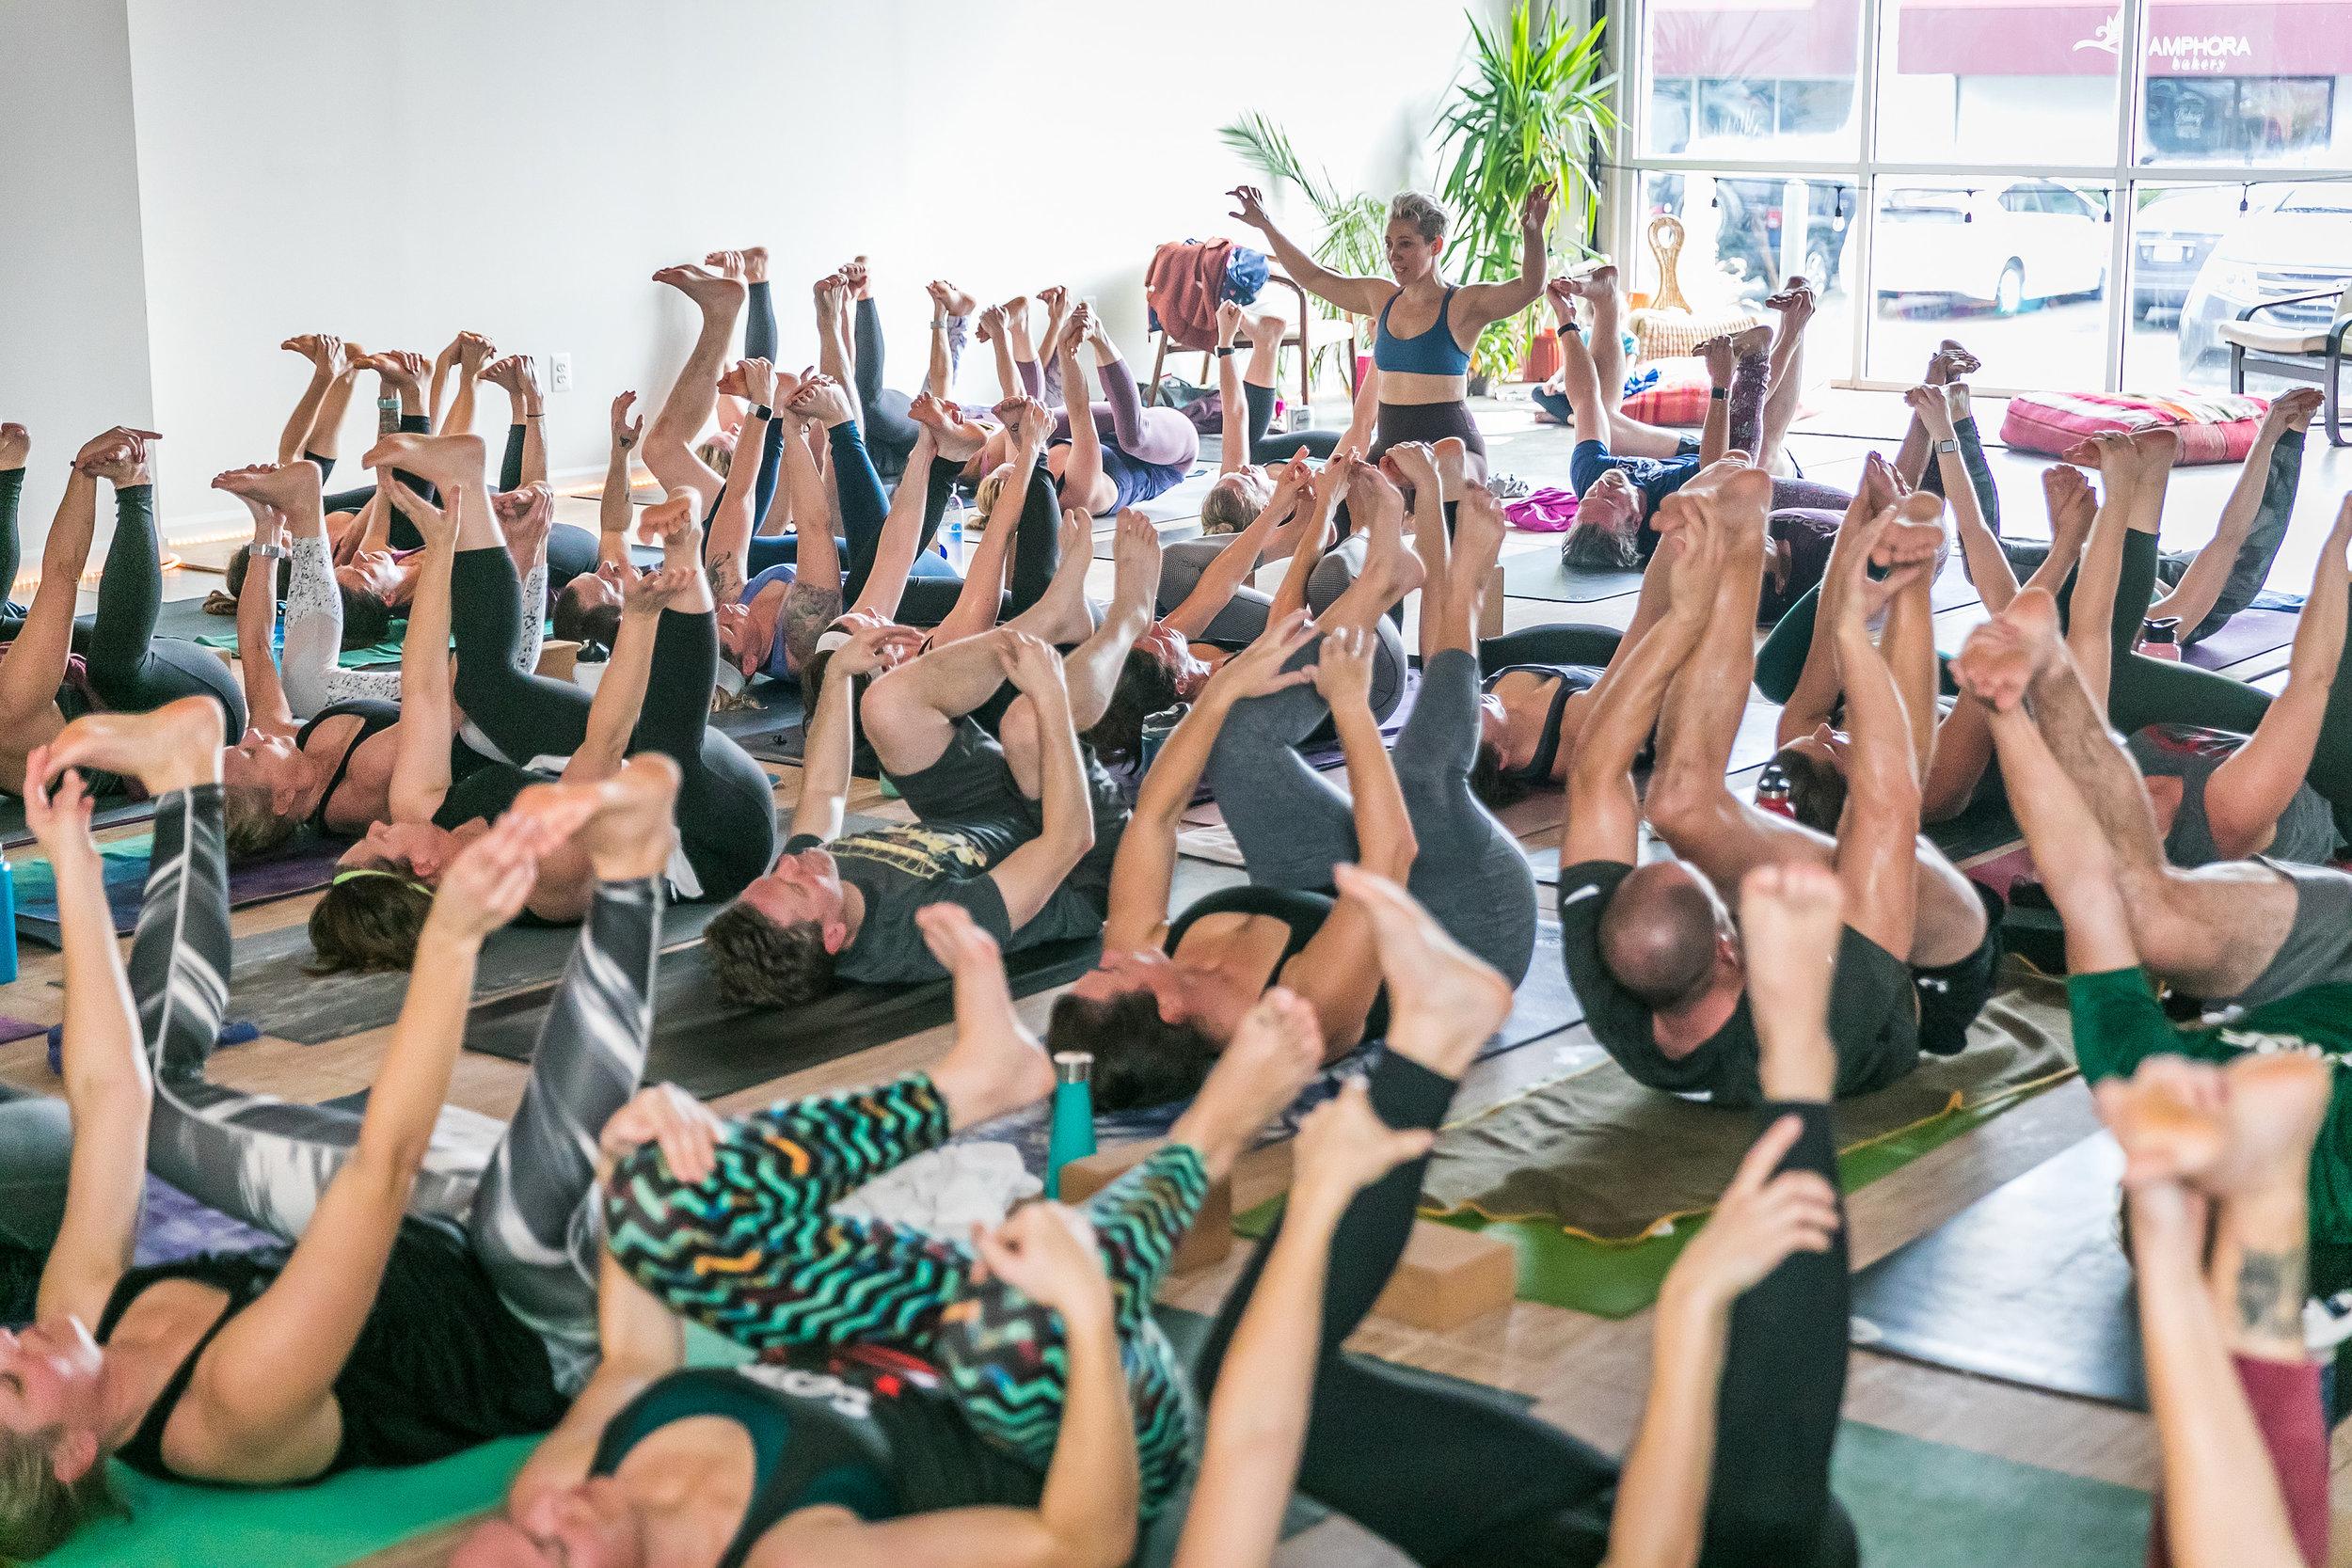 Hot yoga classes Reston, VA